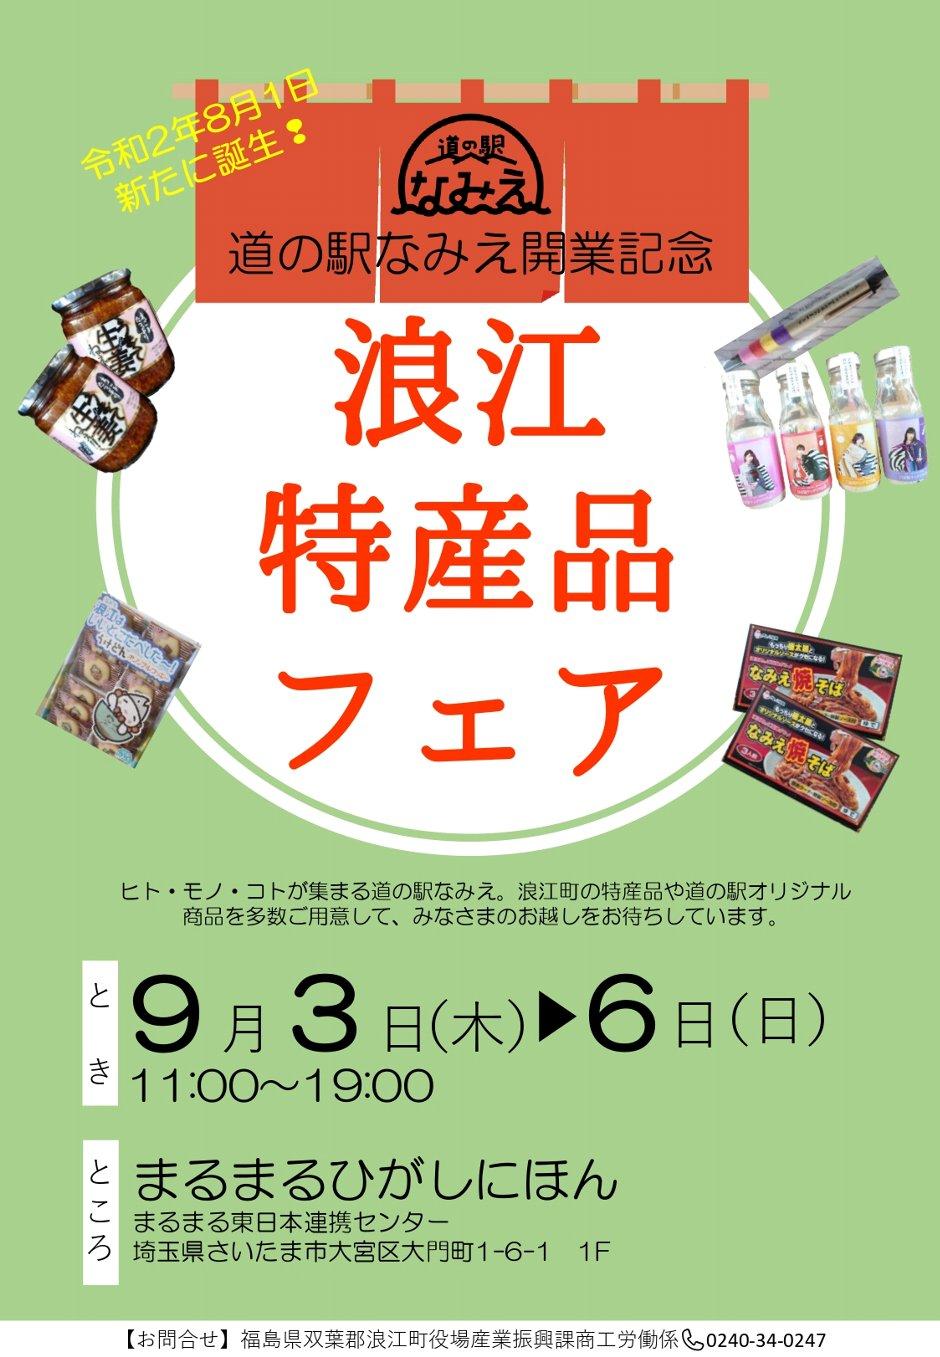 道の駅なみえ開業記念「浪江特産品フェア」 @ まるまるひがしにほん